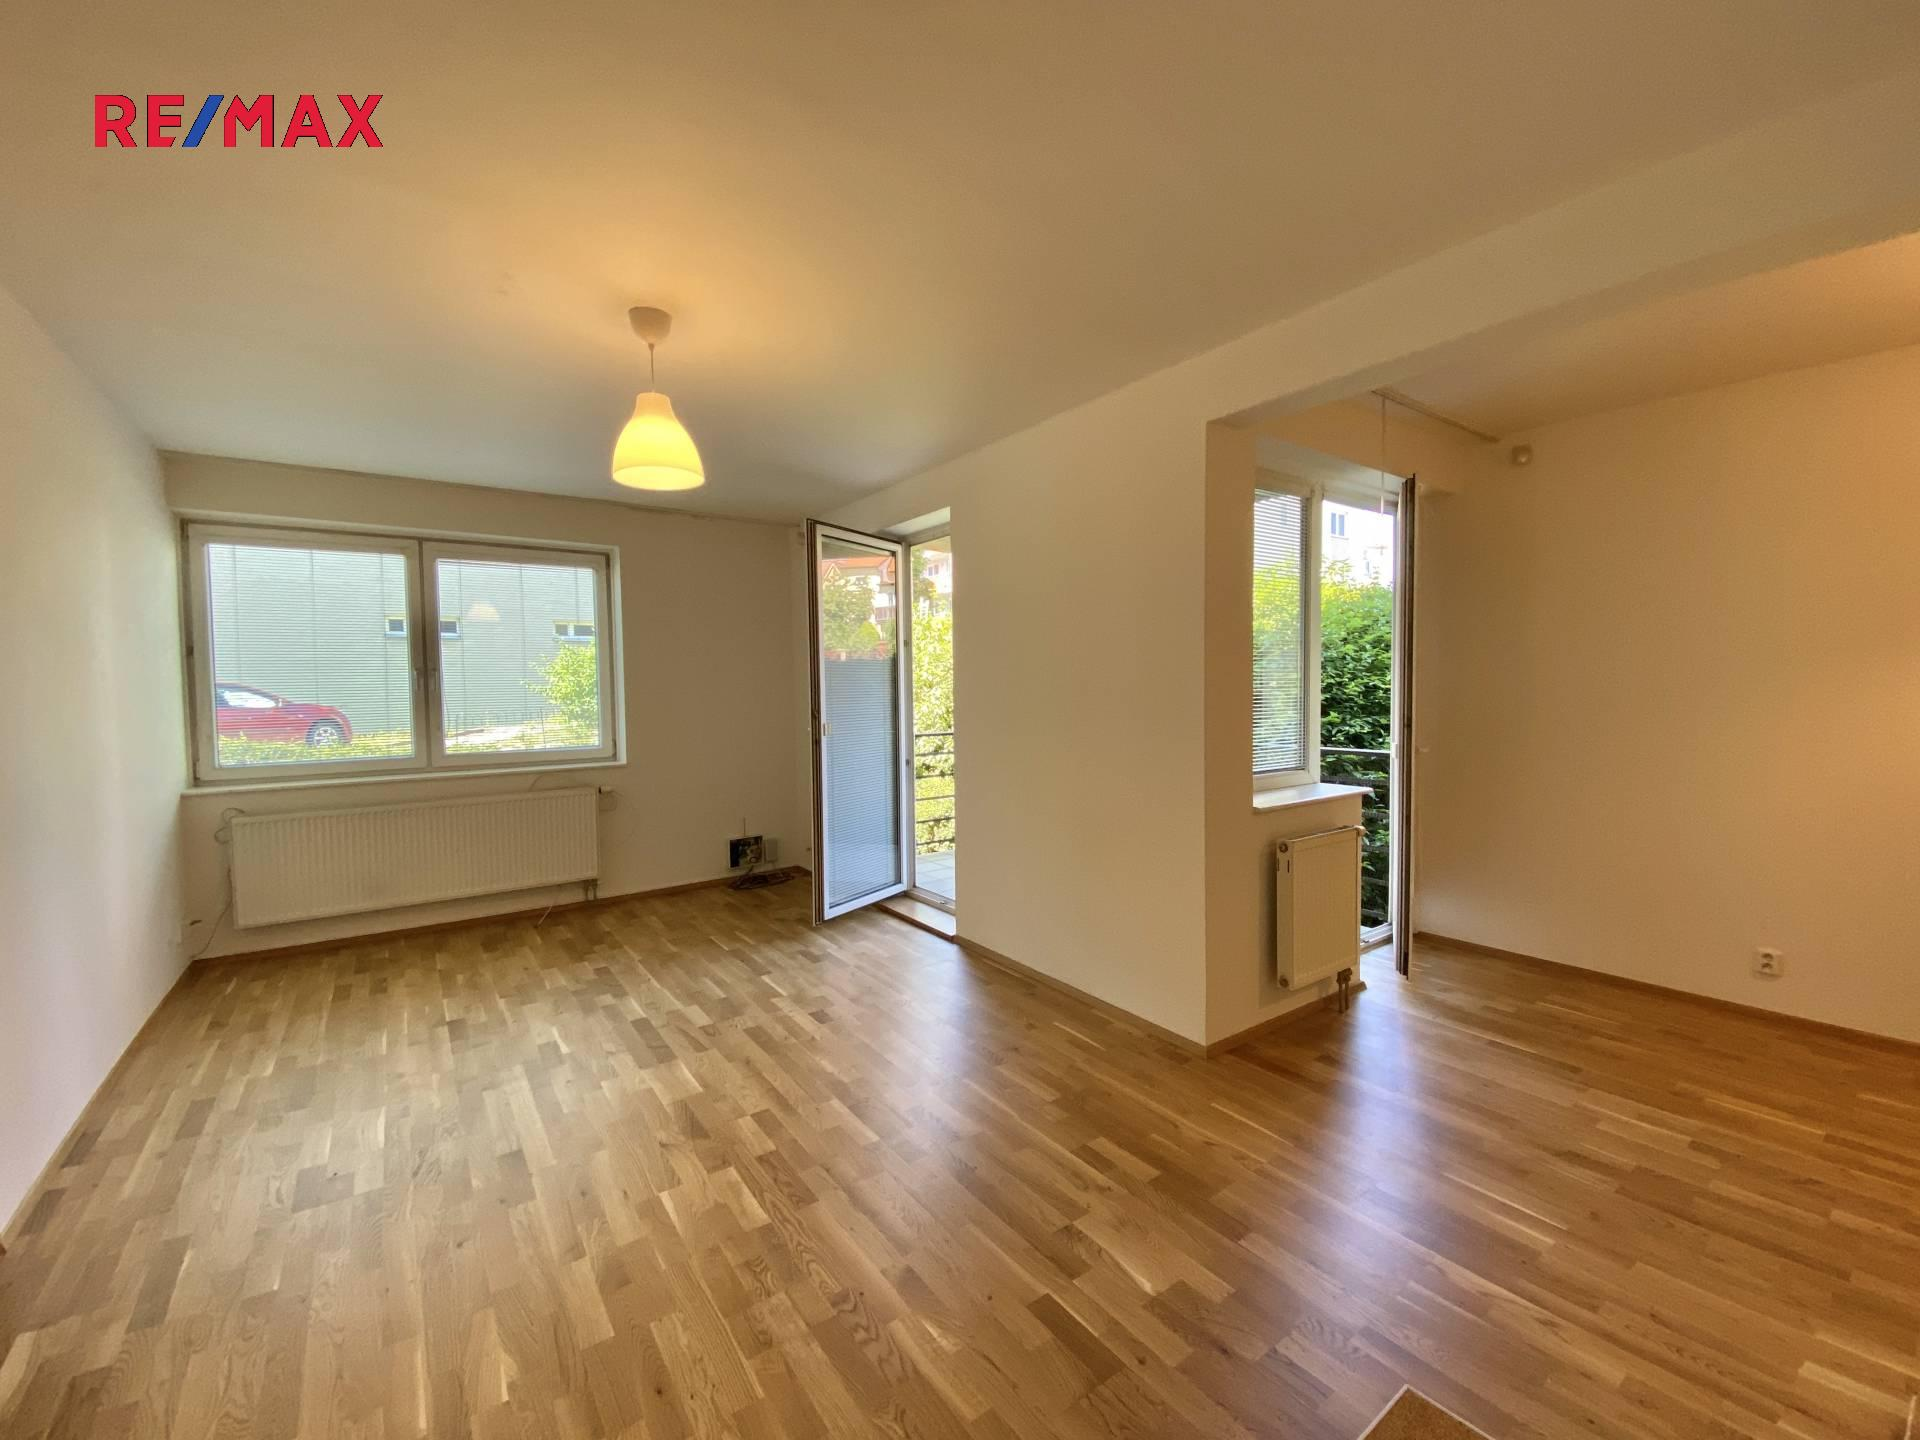 Prodej bytu 3+1 v osobním vlastnictví 85 m², Praha 10 - Strašnice